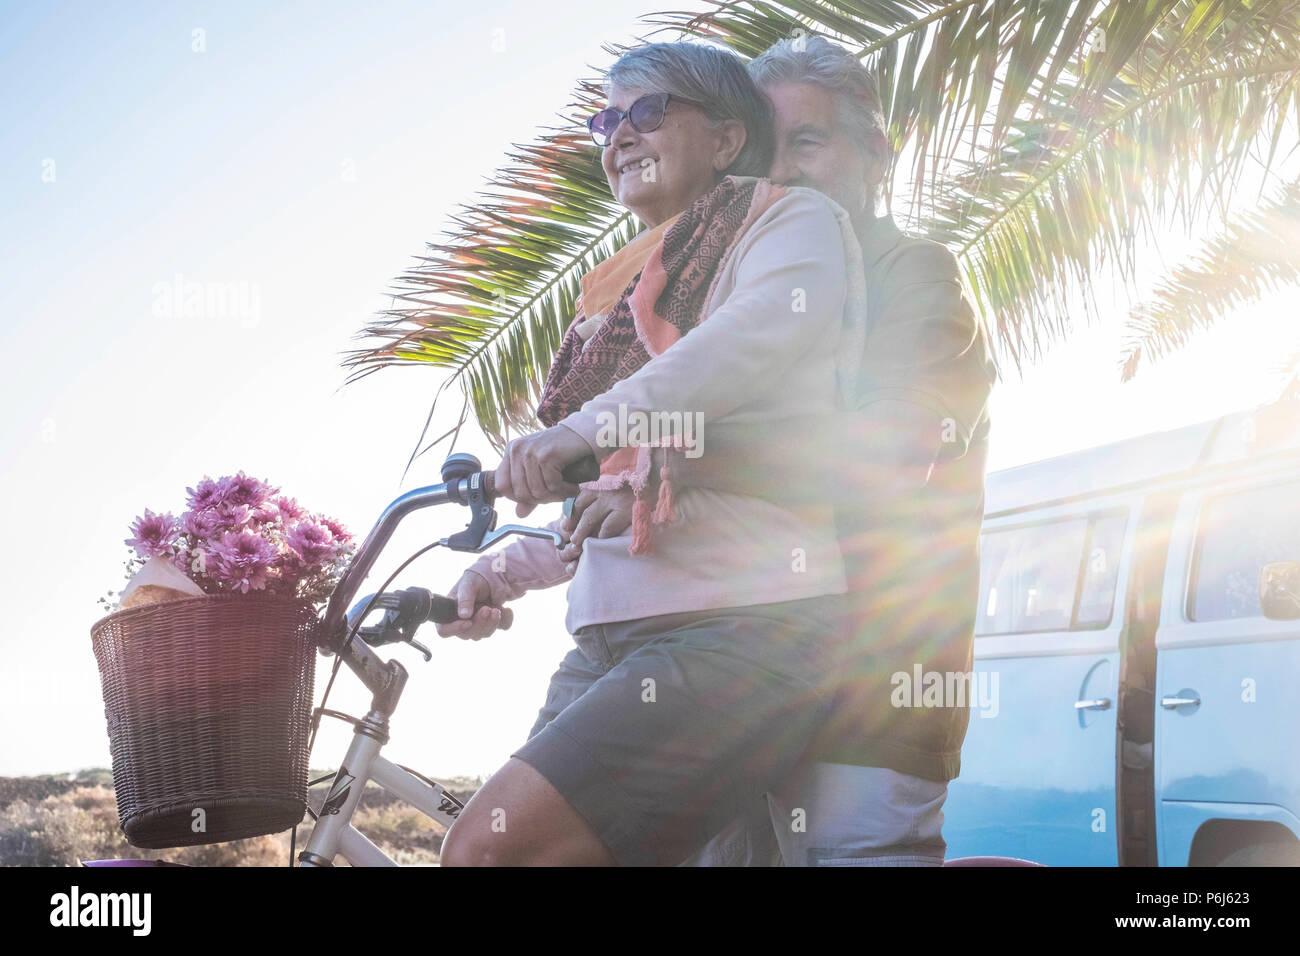 Ältere ältere kaukasischen Paar Spielen und Freizeitaktivitäten Aktivität im Freien in Lifestyle Urlaub genießen. Mann und Frau in den Ruhestand gehen Sie auf vintage Bike childre Stockbild